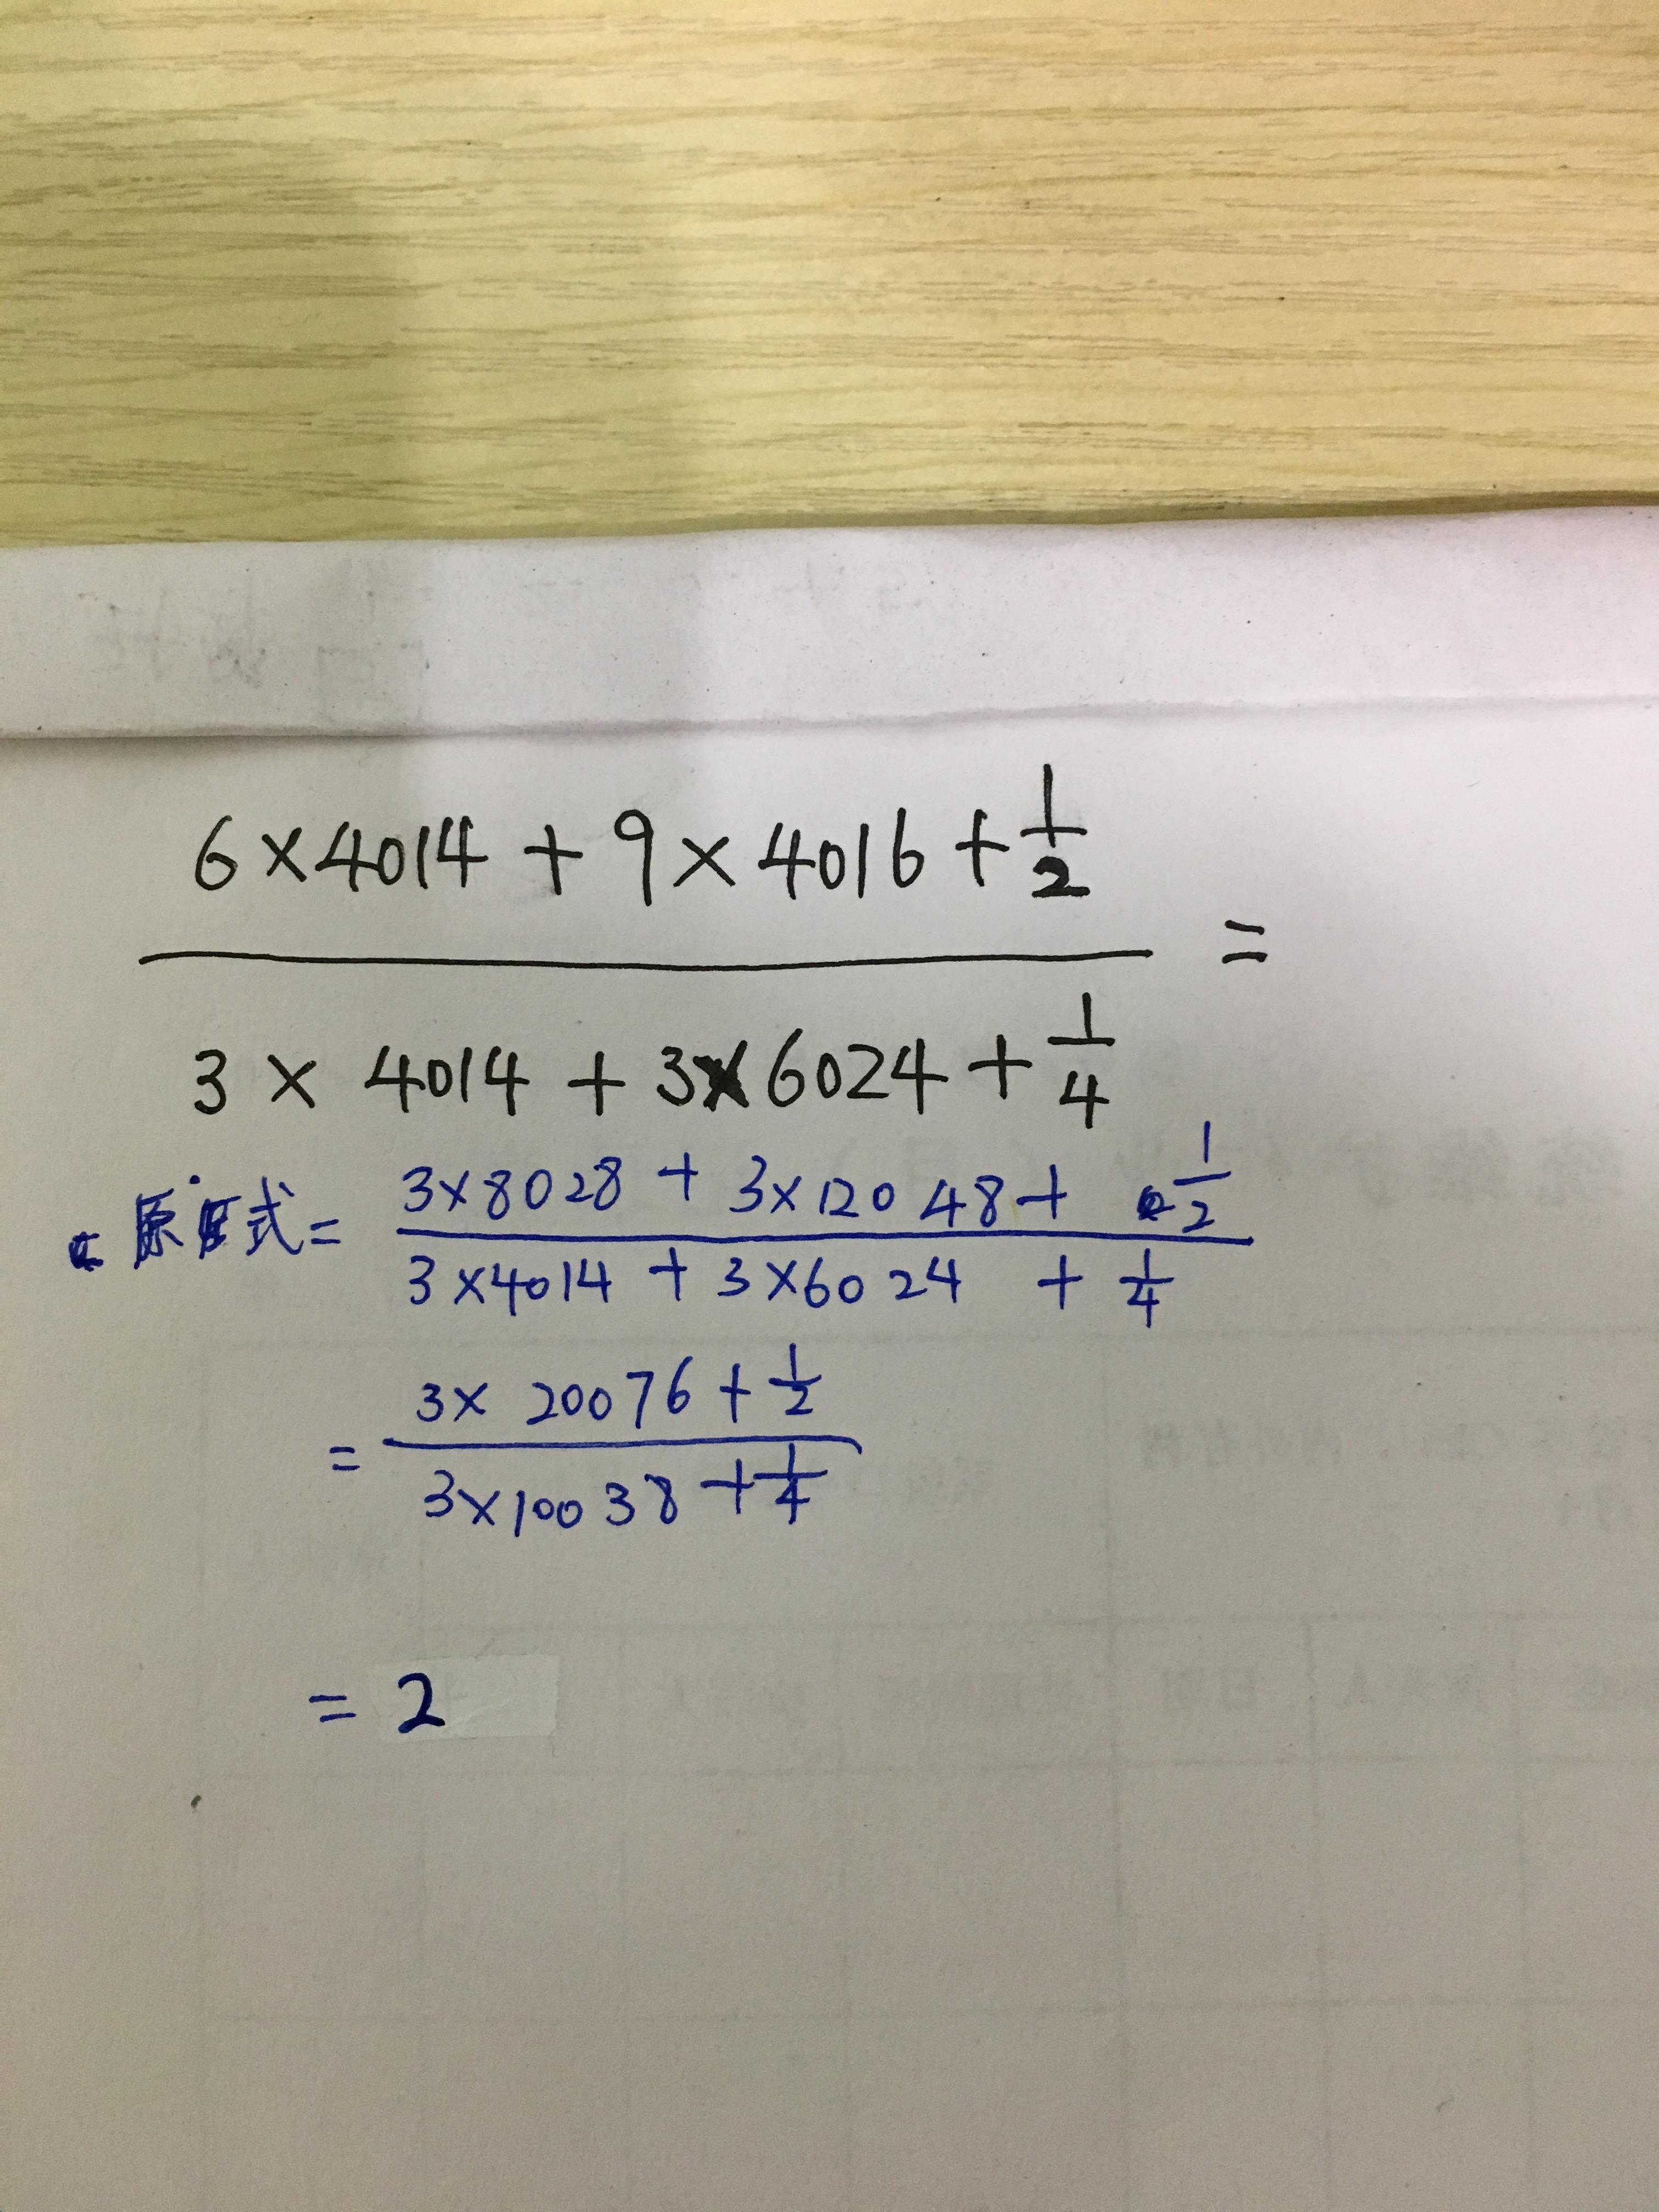 4B1B2AC5-3686-41E7-8E09-9FB1DE244A43.jpg